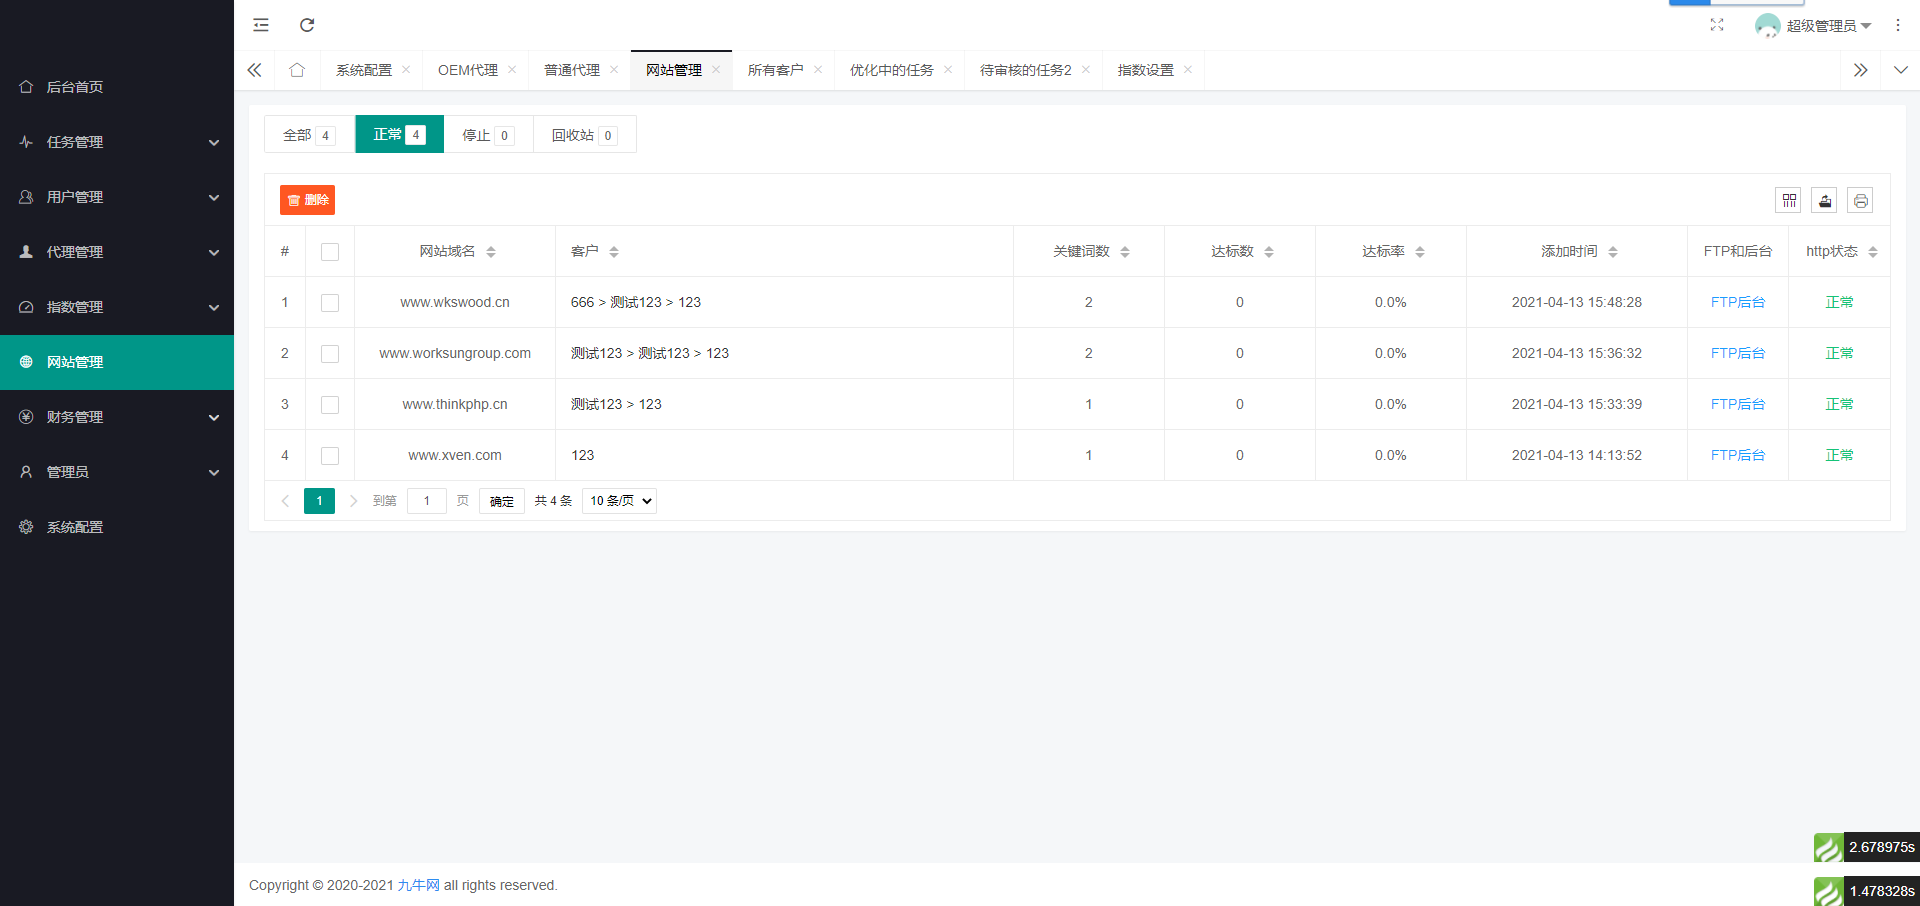 亲测丨SEO按天计费系统整站源码下载 蛮牛推创新算法报价系统网站 可OEM 精美UI